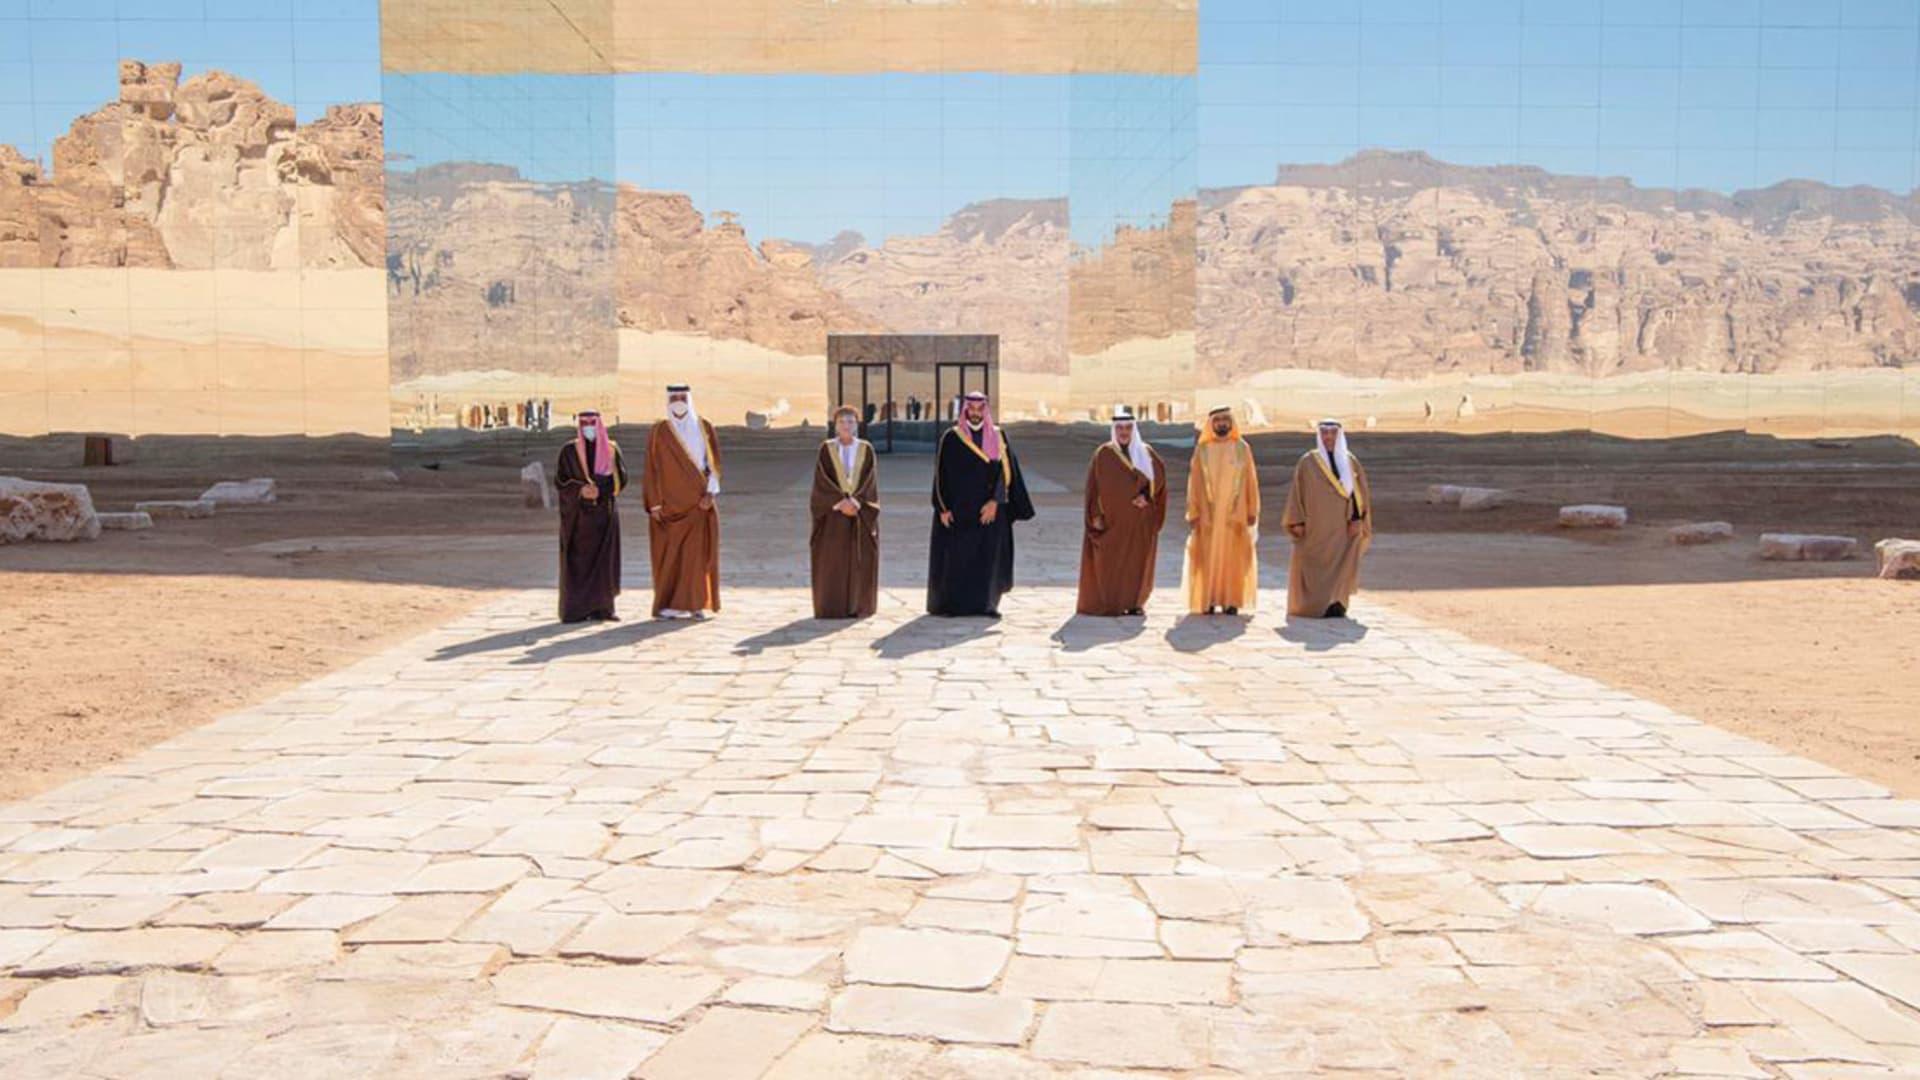 """البحرين: قطر لم ترد على دعوتنا ولم تبد أية بادرة لحلحلة ملفات عالقة بعد """"العلا"""""""